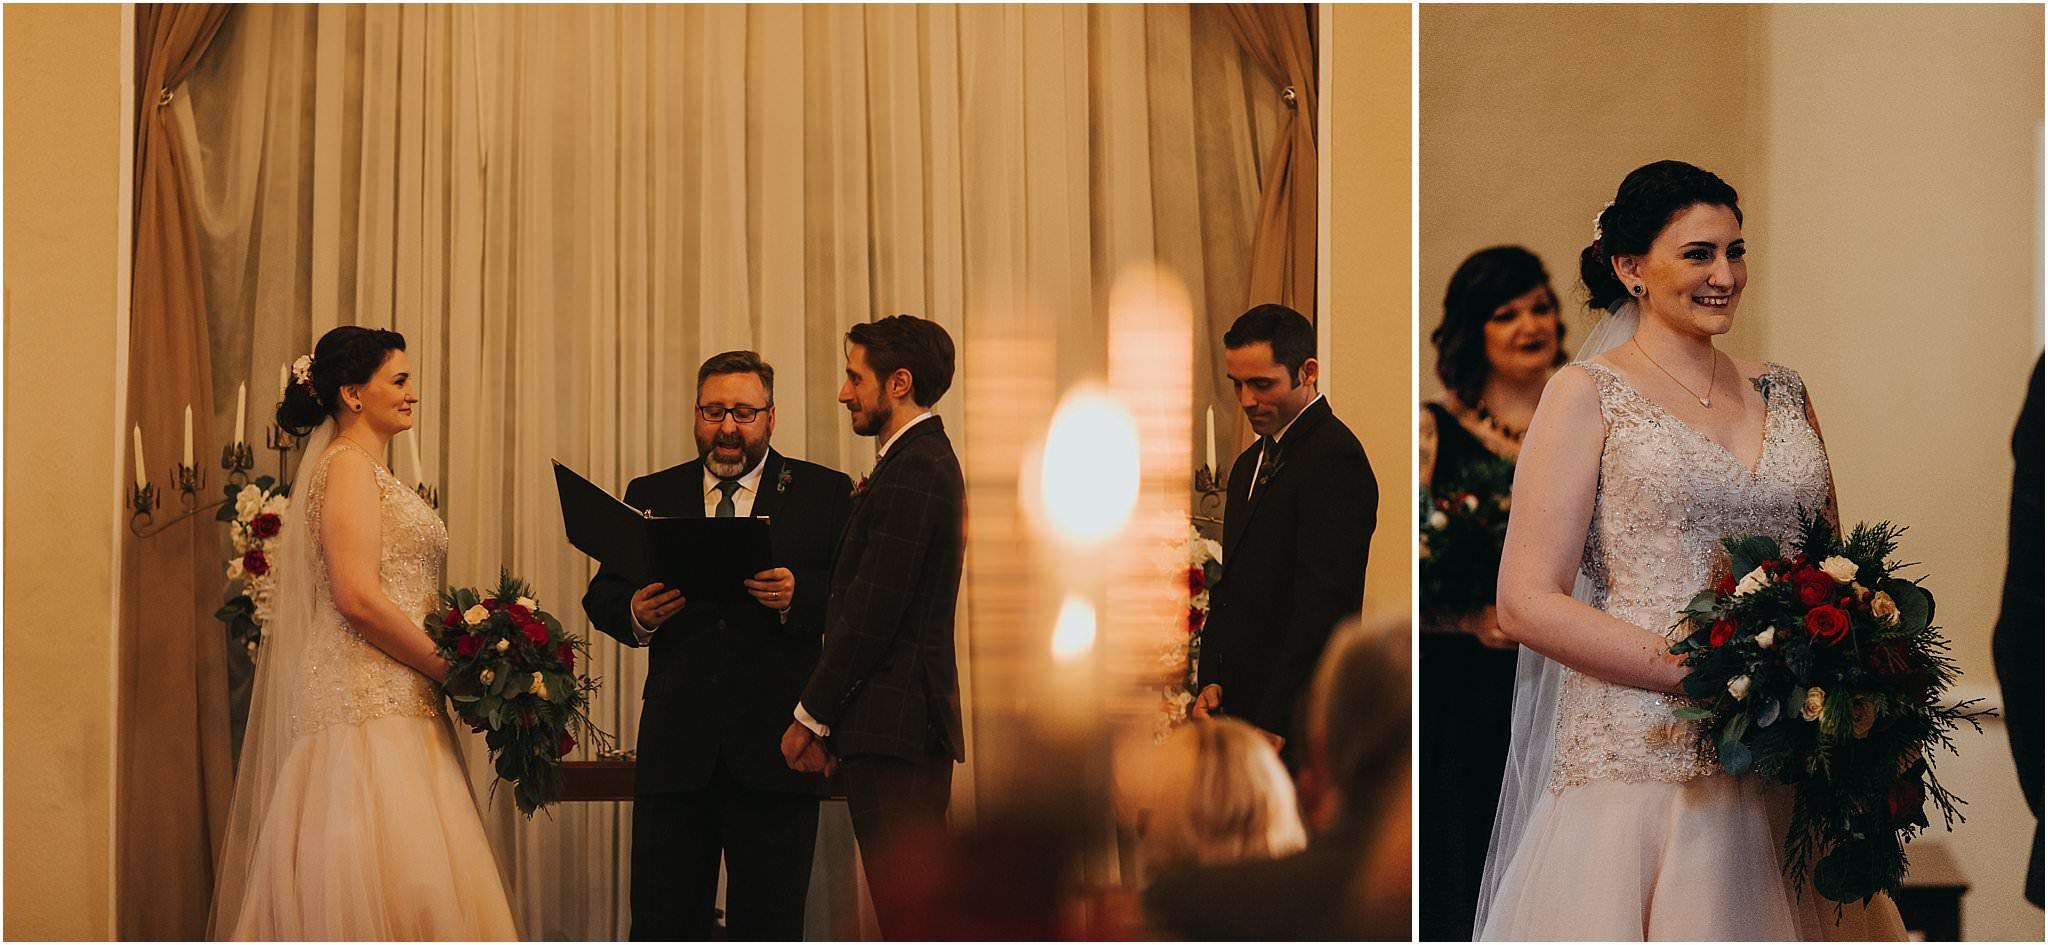 sarah-and-daves-downtown-snohomish-wedding-18.jpg